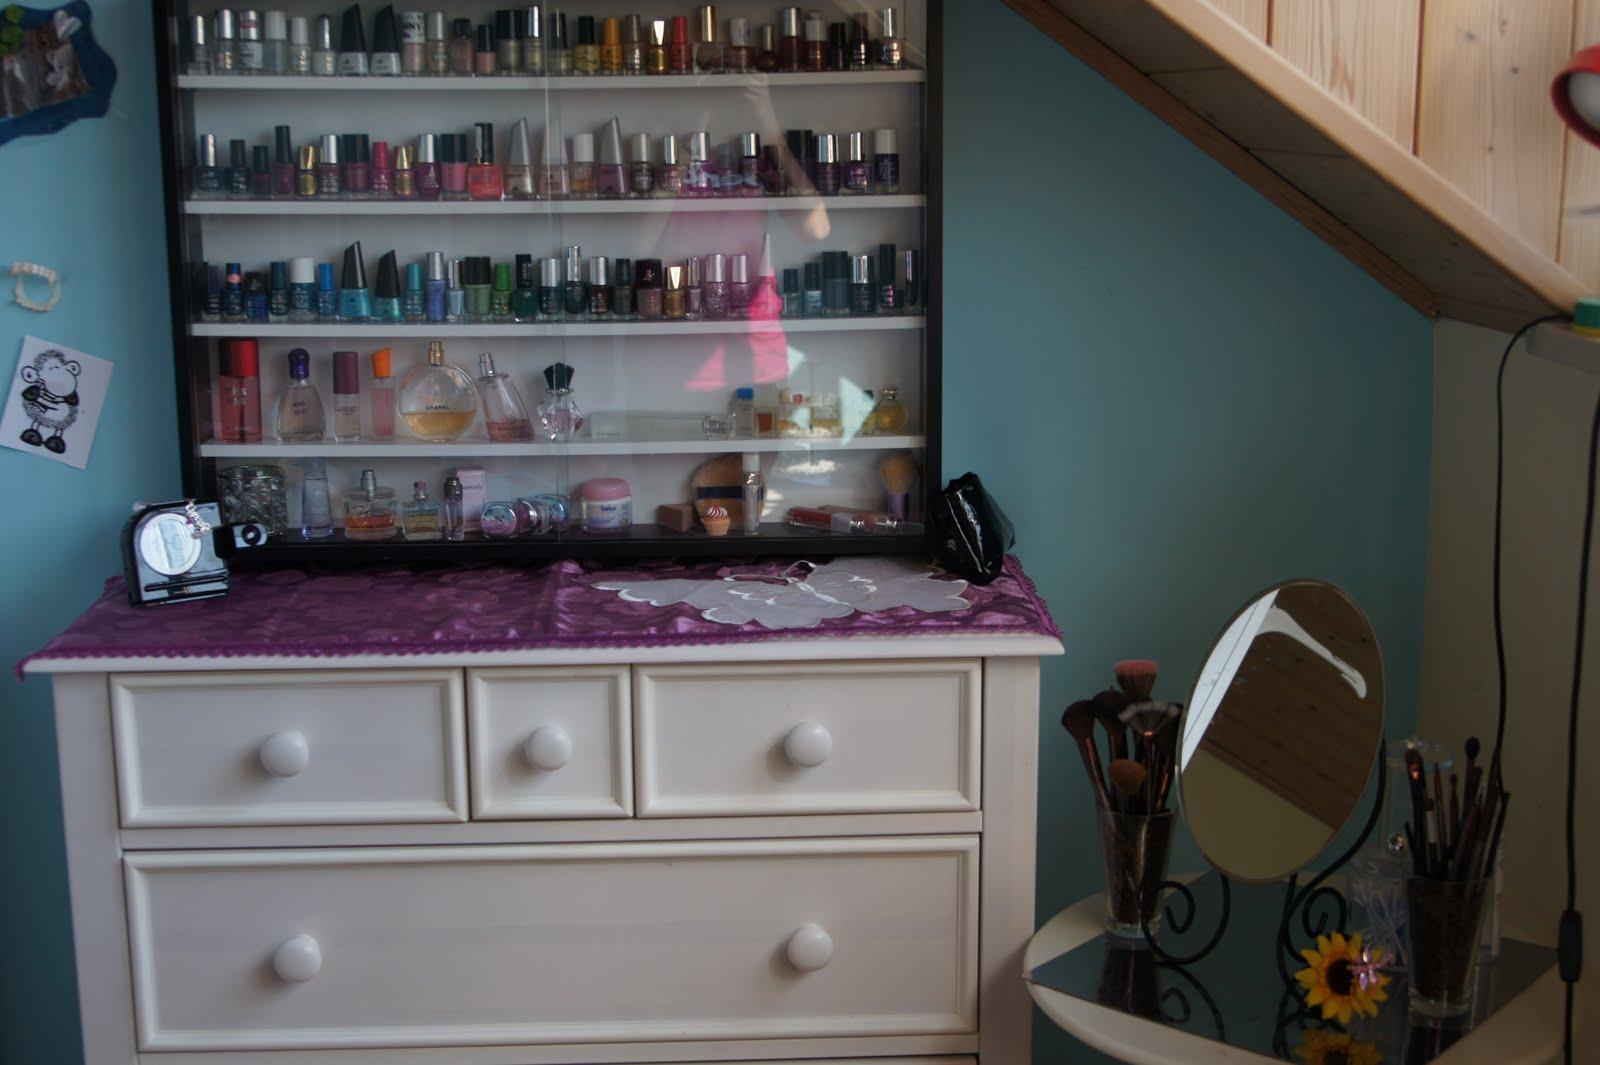 mays beautylive meine nagellack aufbewahrung. Black Bedroom Furniture Sets. Home Design Ideas